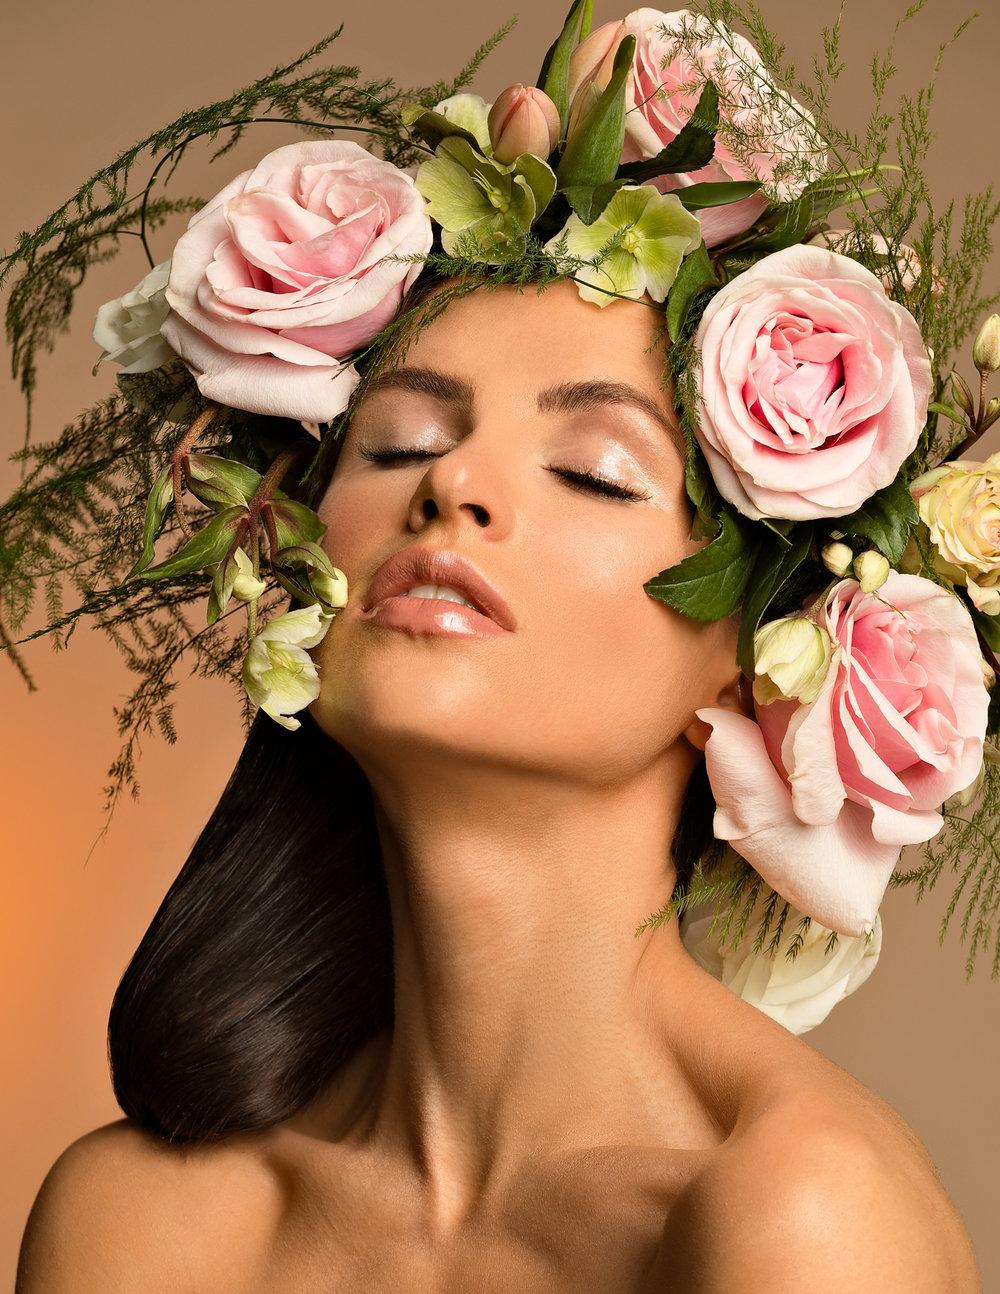 Collaboration Credits: Photographer - Tina Simaik a. MUAH -  Meagan MacRae  Model -  Ave Maria